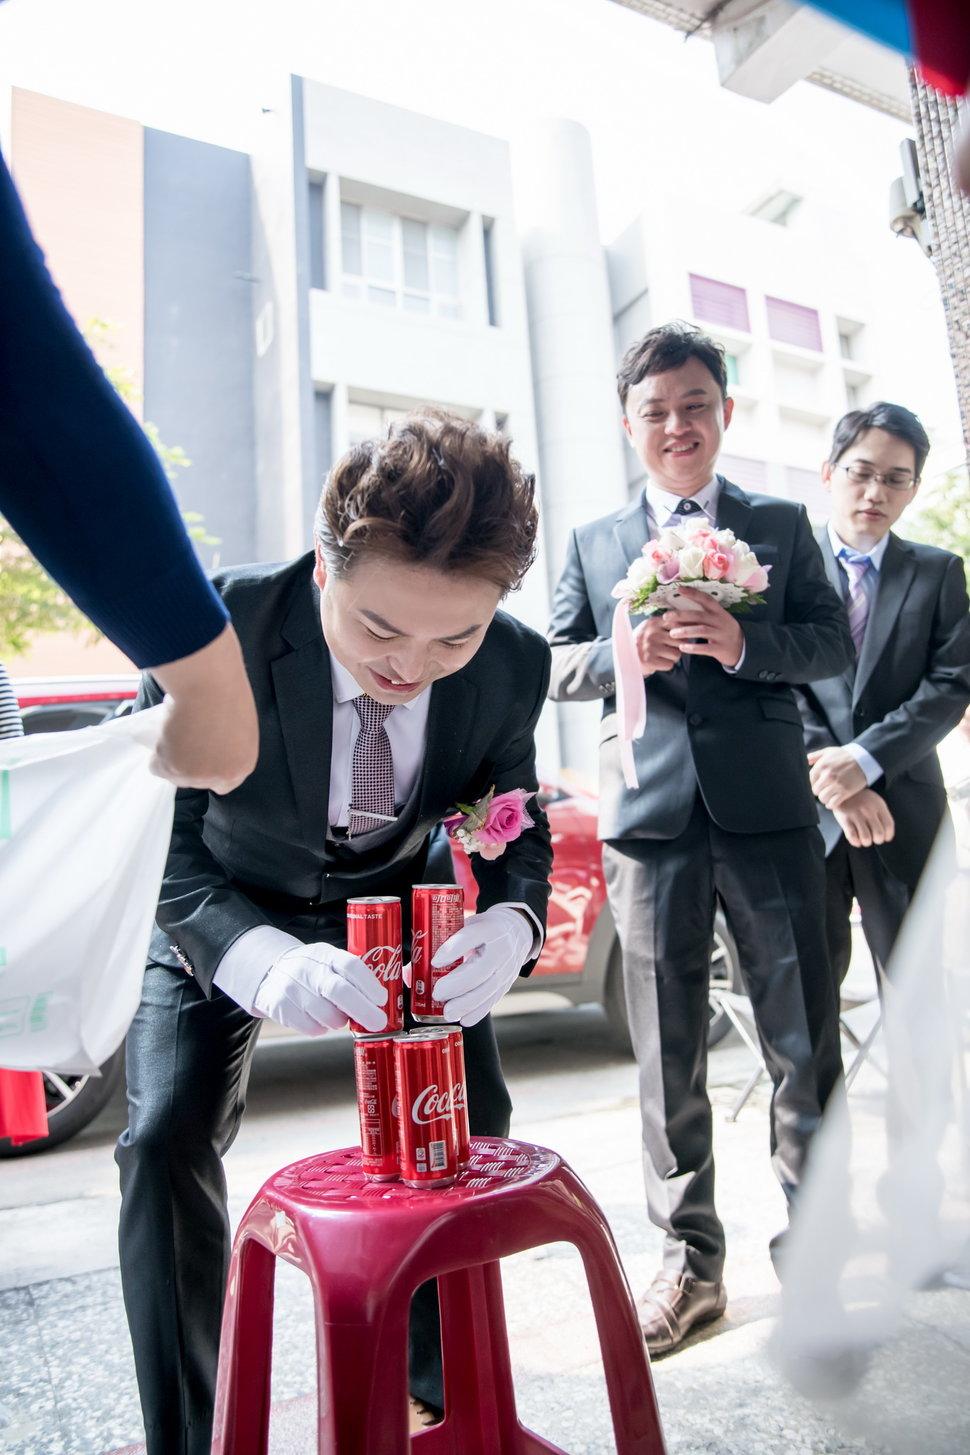 DSC_0054 - Daco  攝影工作室 - 結婚吧